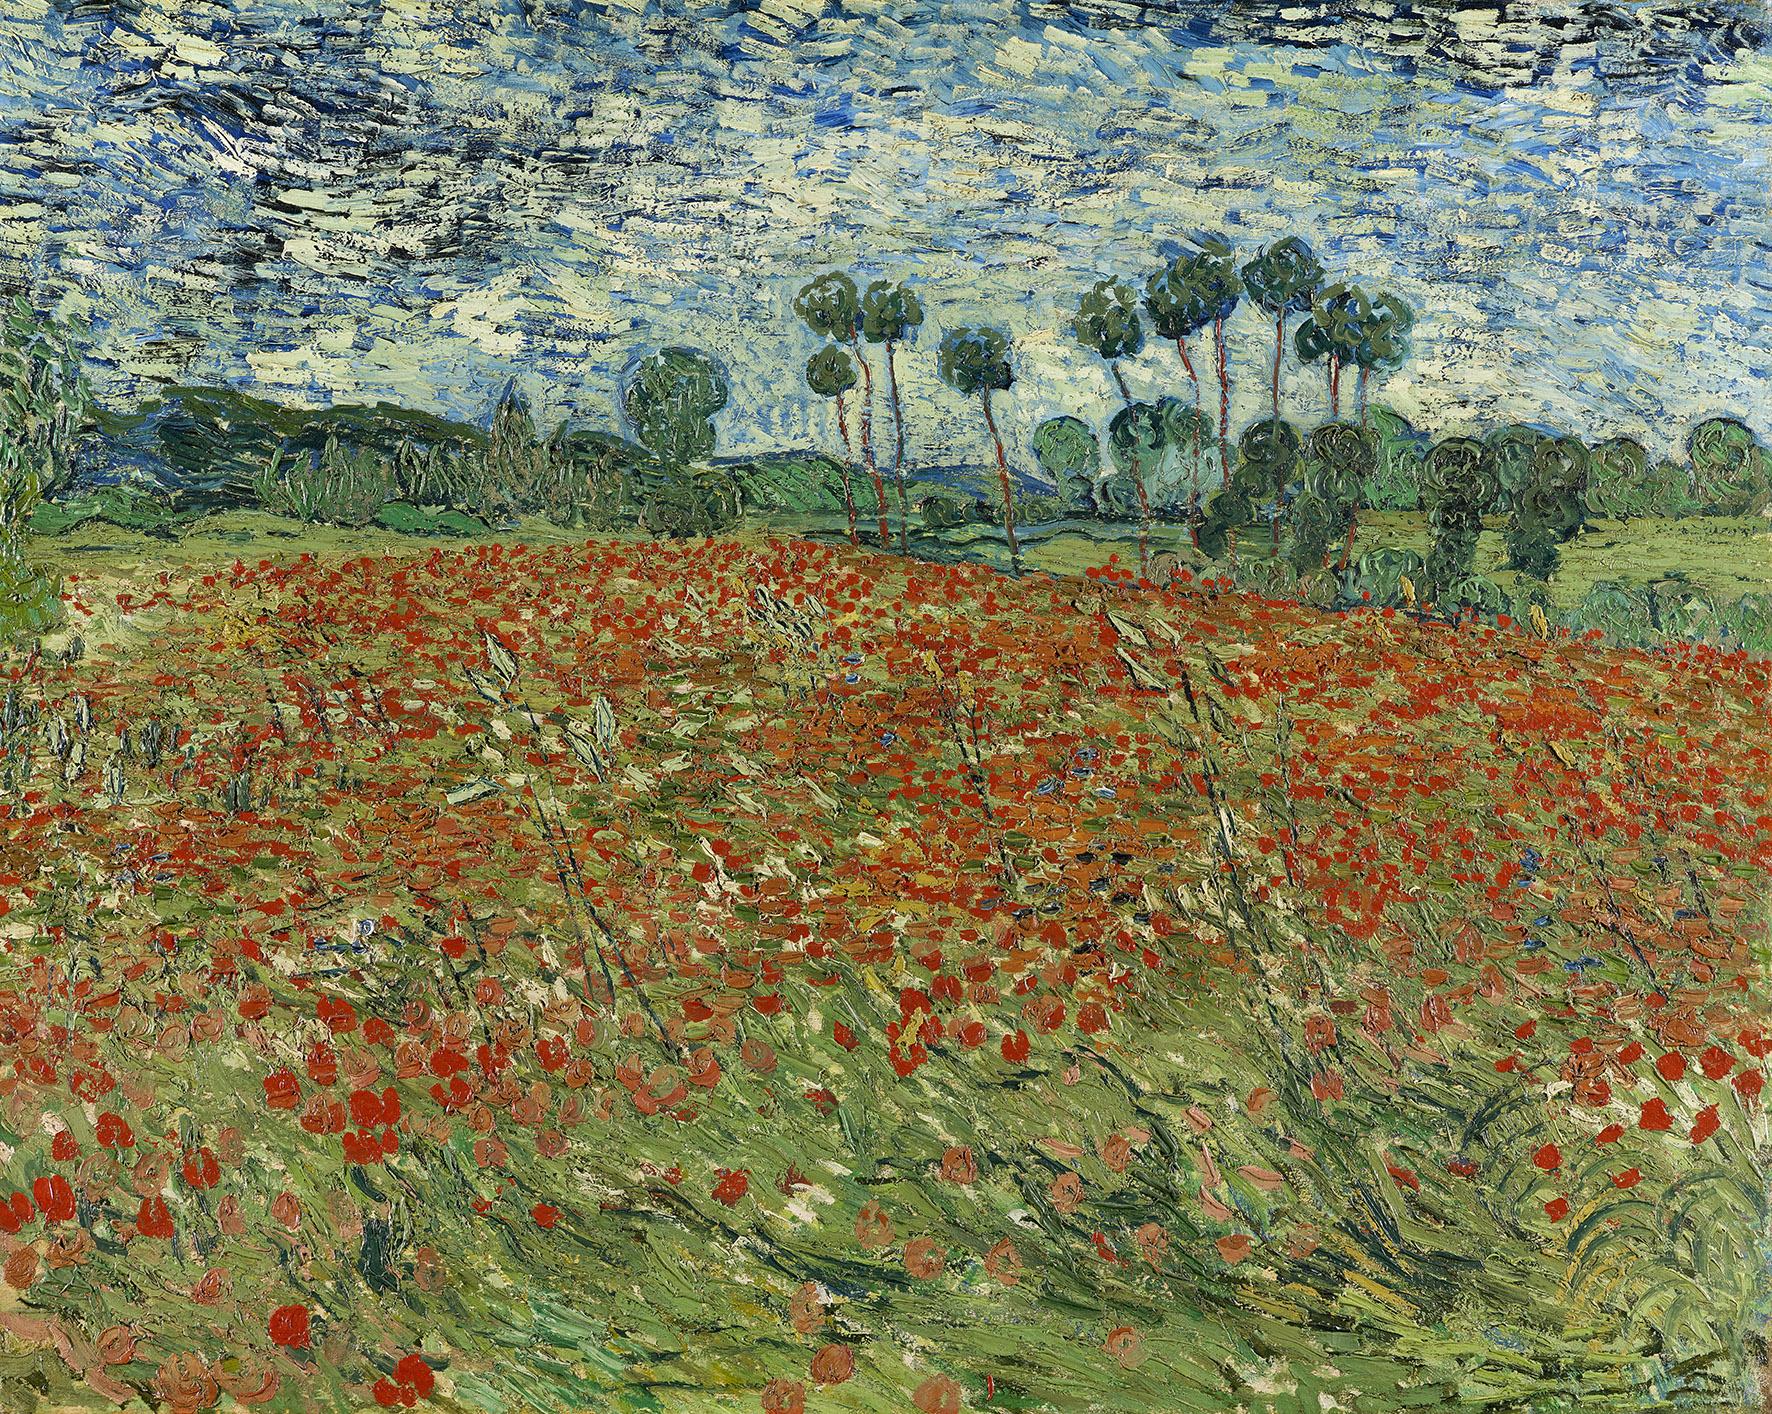 Mostra Quot Van Gogh Tra Il Grano E Il Cielo Quot Comune Di Vicenza